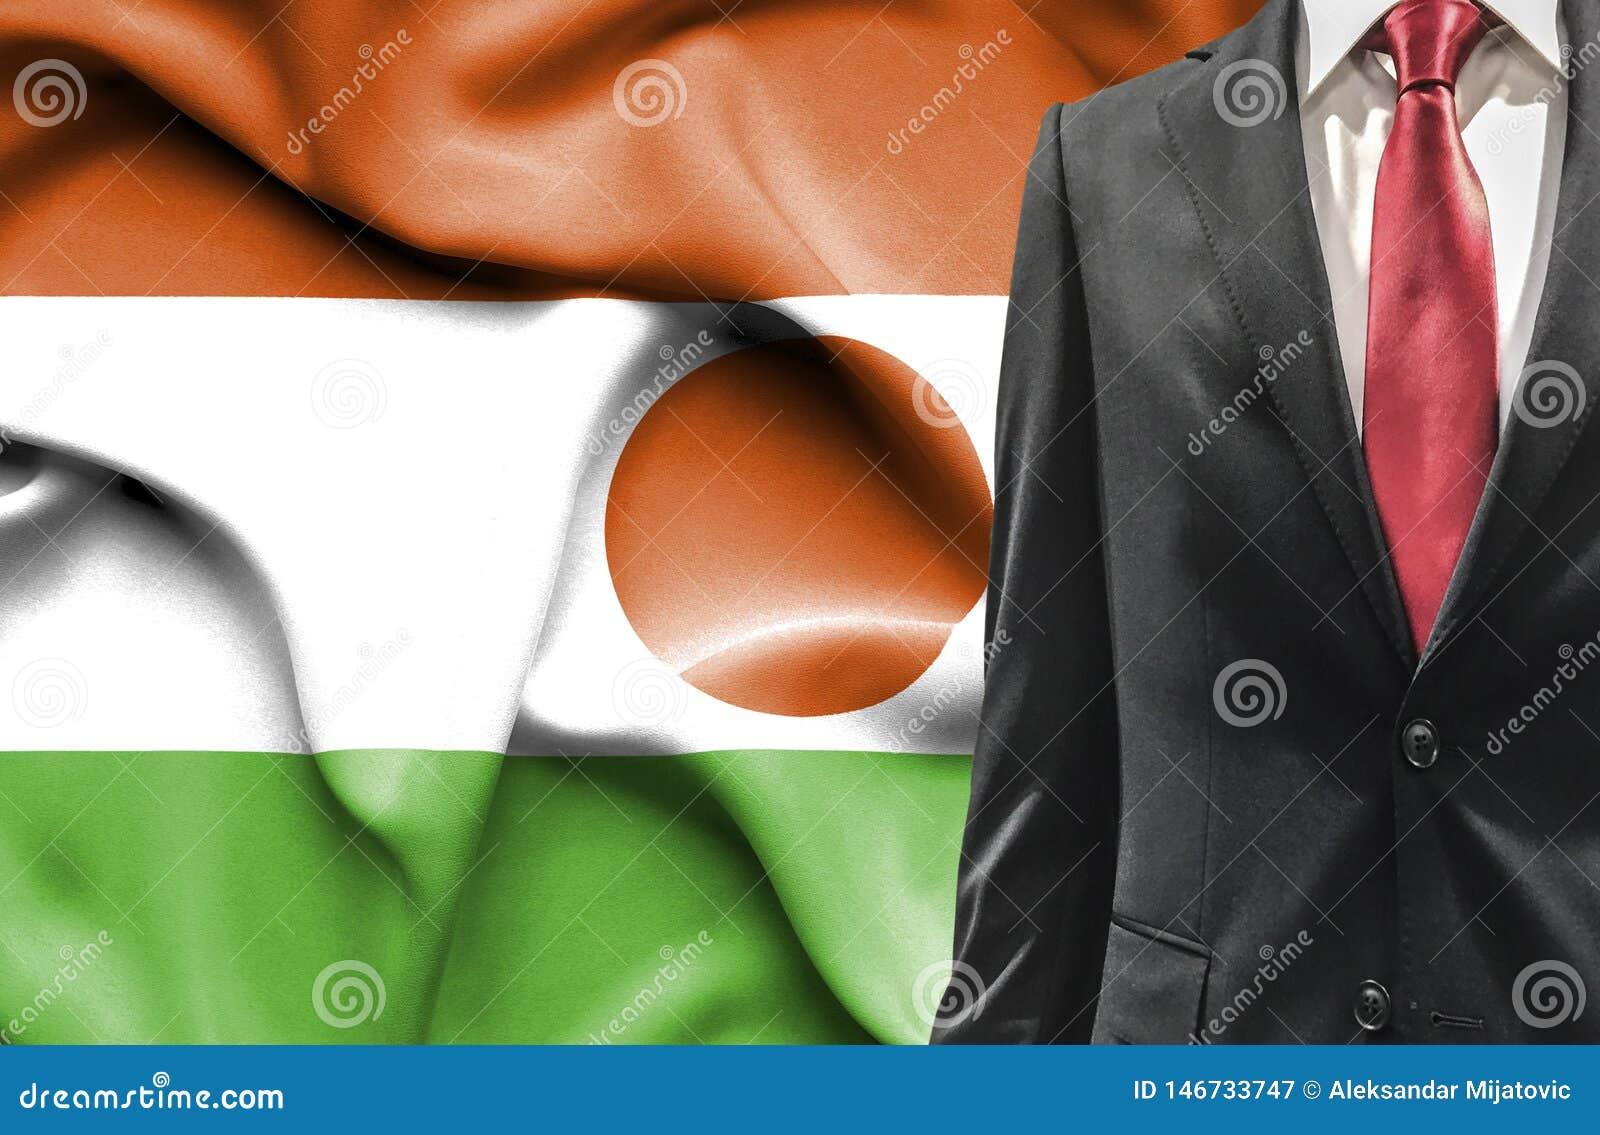 Mężczyzna w kostiumu od Niger